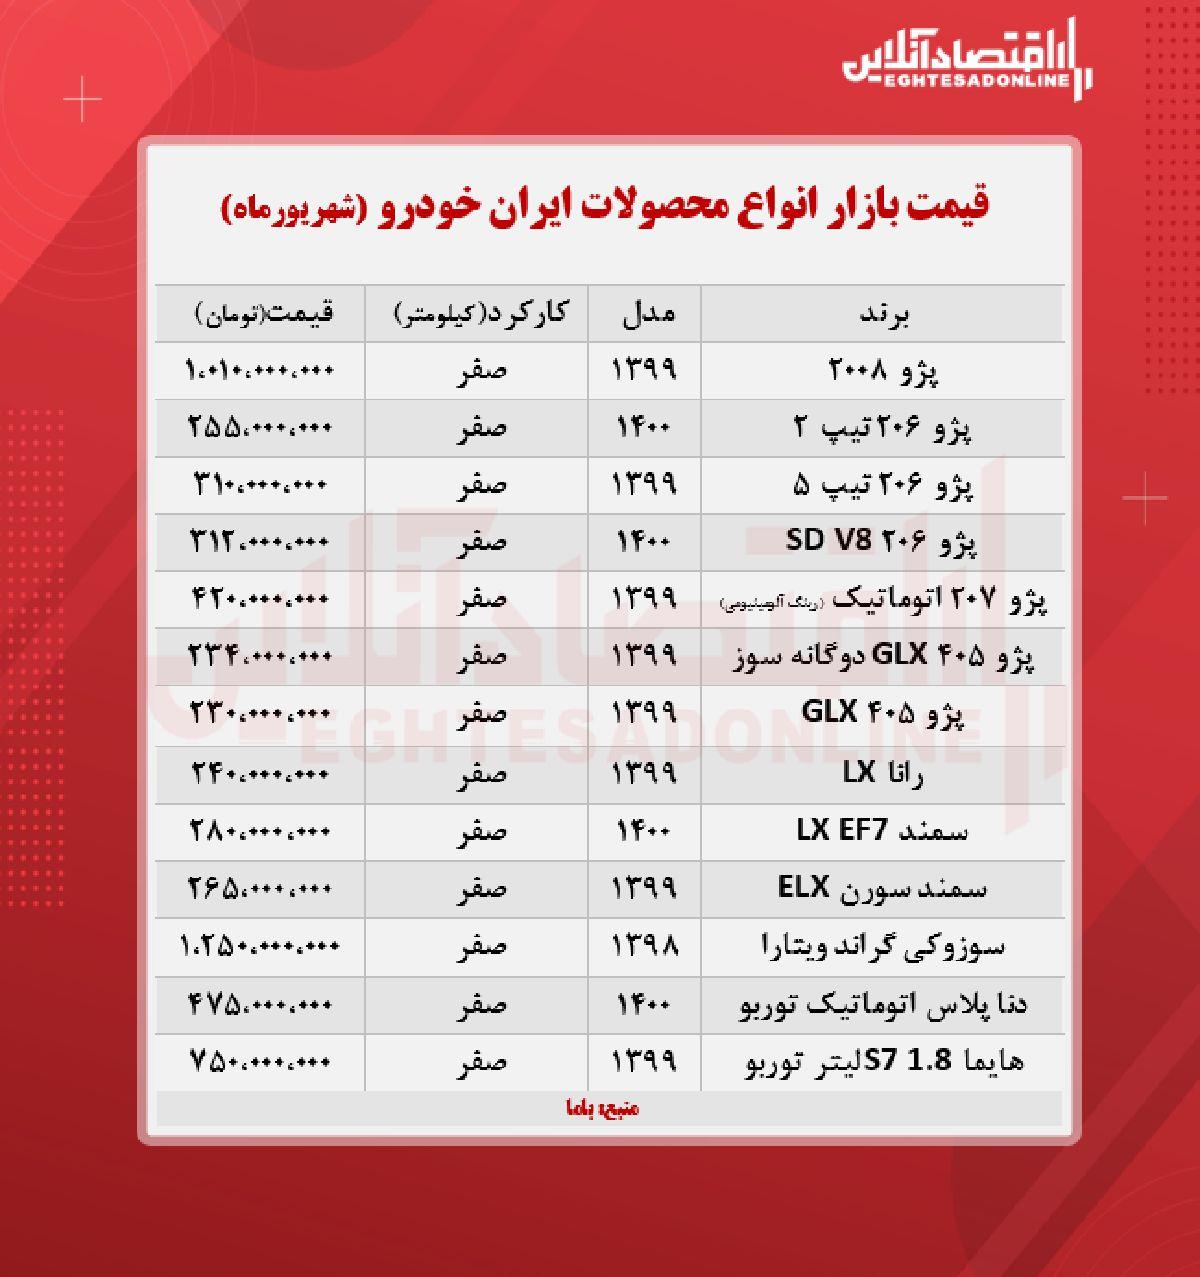 قیمت محصولات ایران خودرو امروز ۱۴۰۰/۶/۸